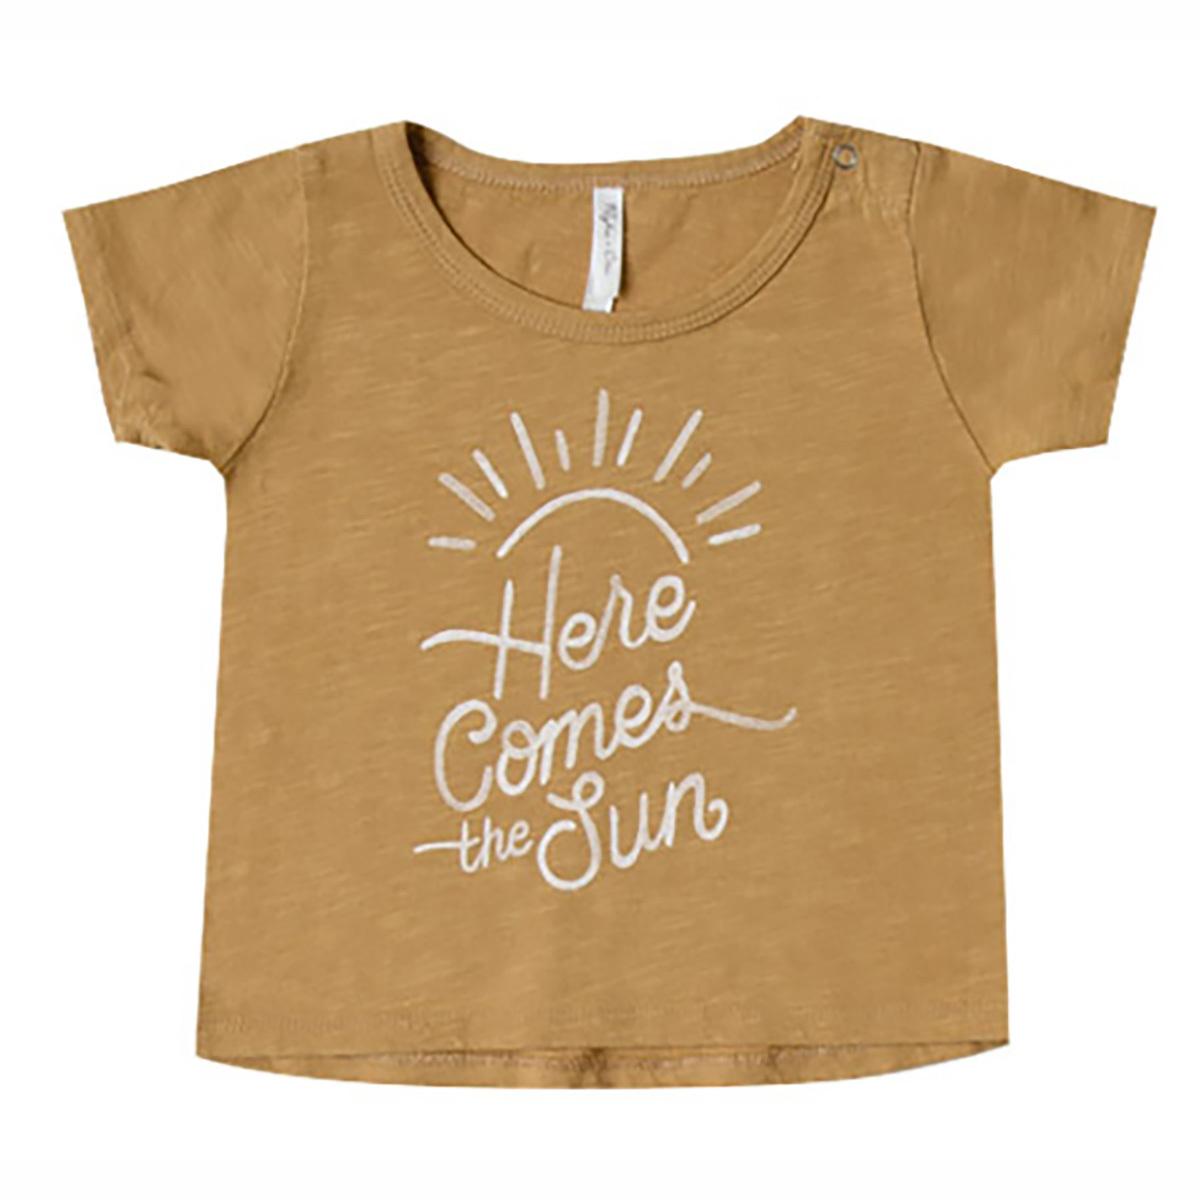 Haut bébé T-Shirt Here Come the Sun - Moutarde - 18/24 Mois T-Shirt Here Come the Sun - Moutarde - 18/24 Mois